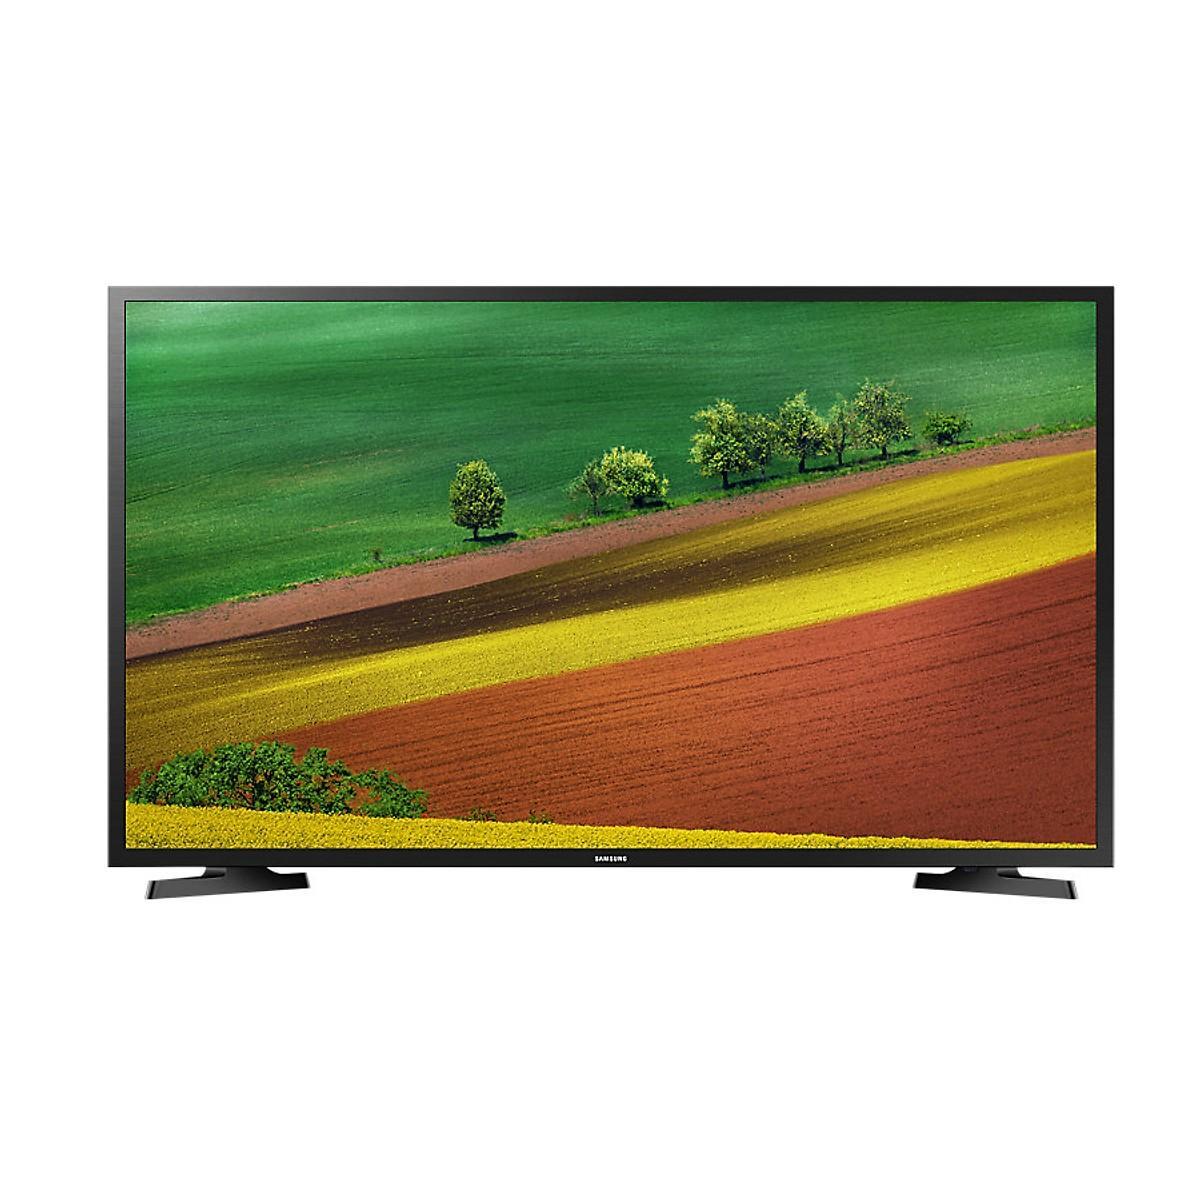 Bảng giá Tivi LED Samsung 32 inch HD UA32N4000AKXXV